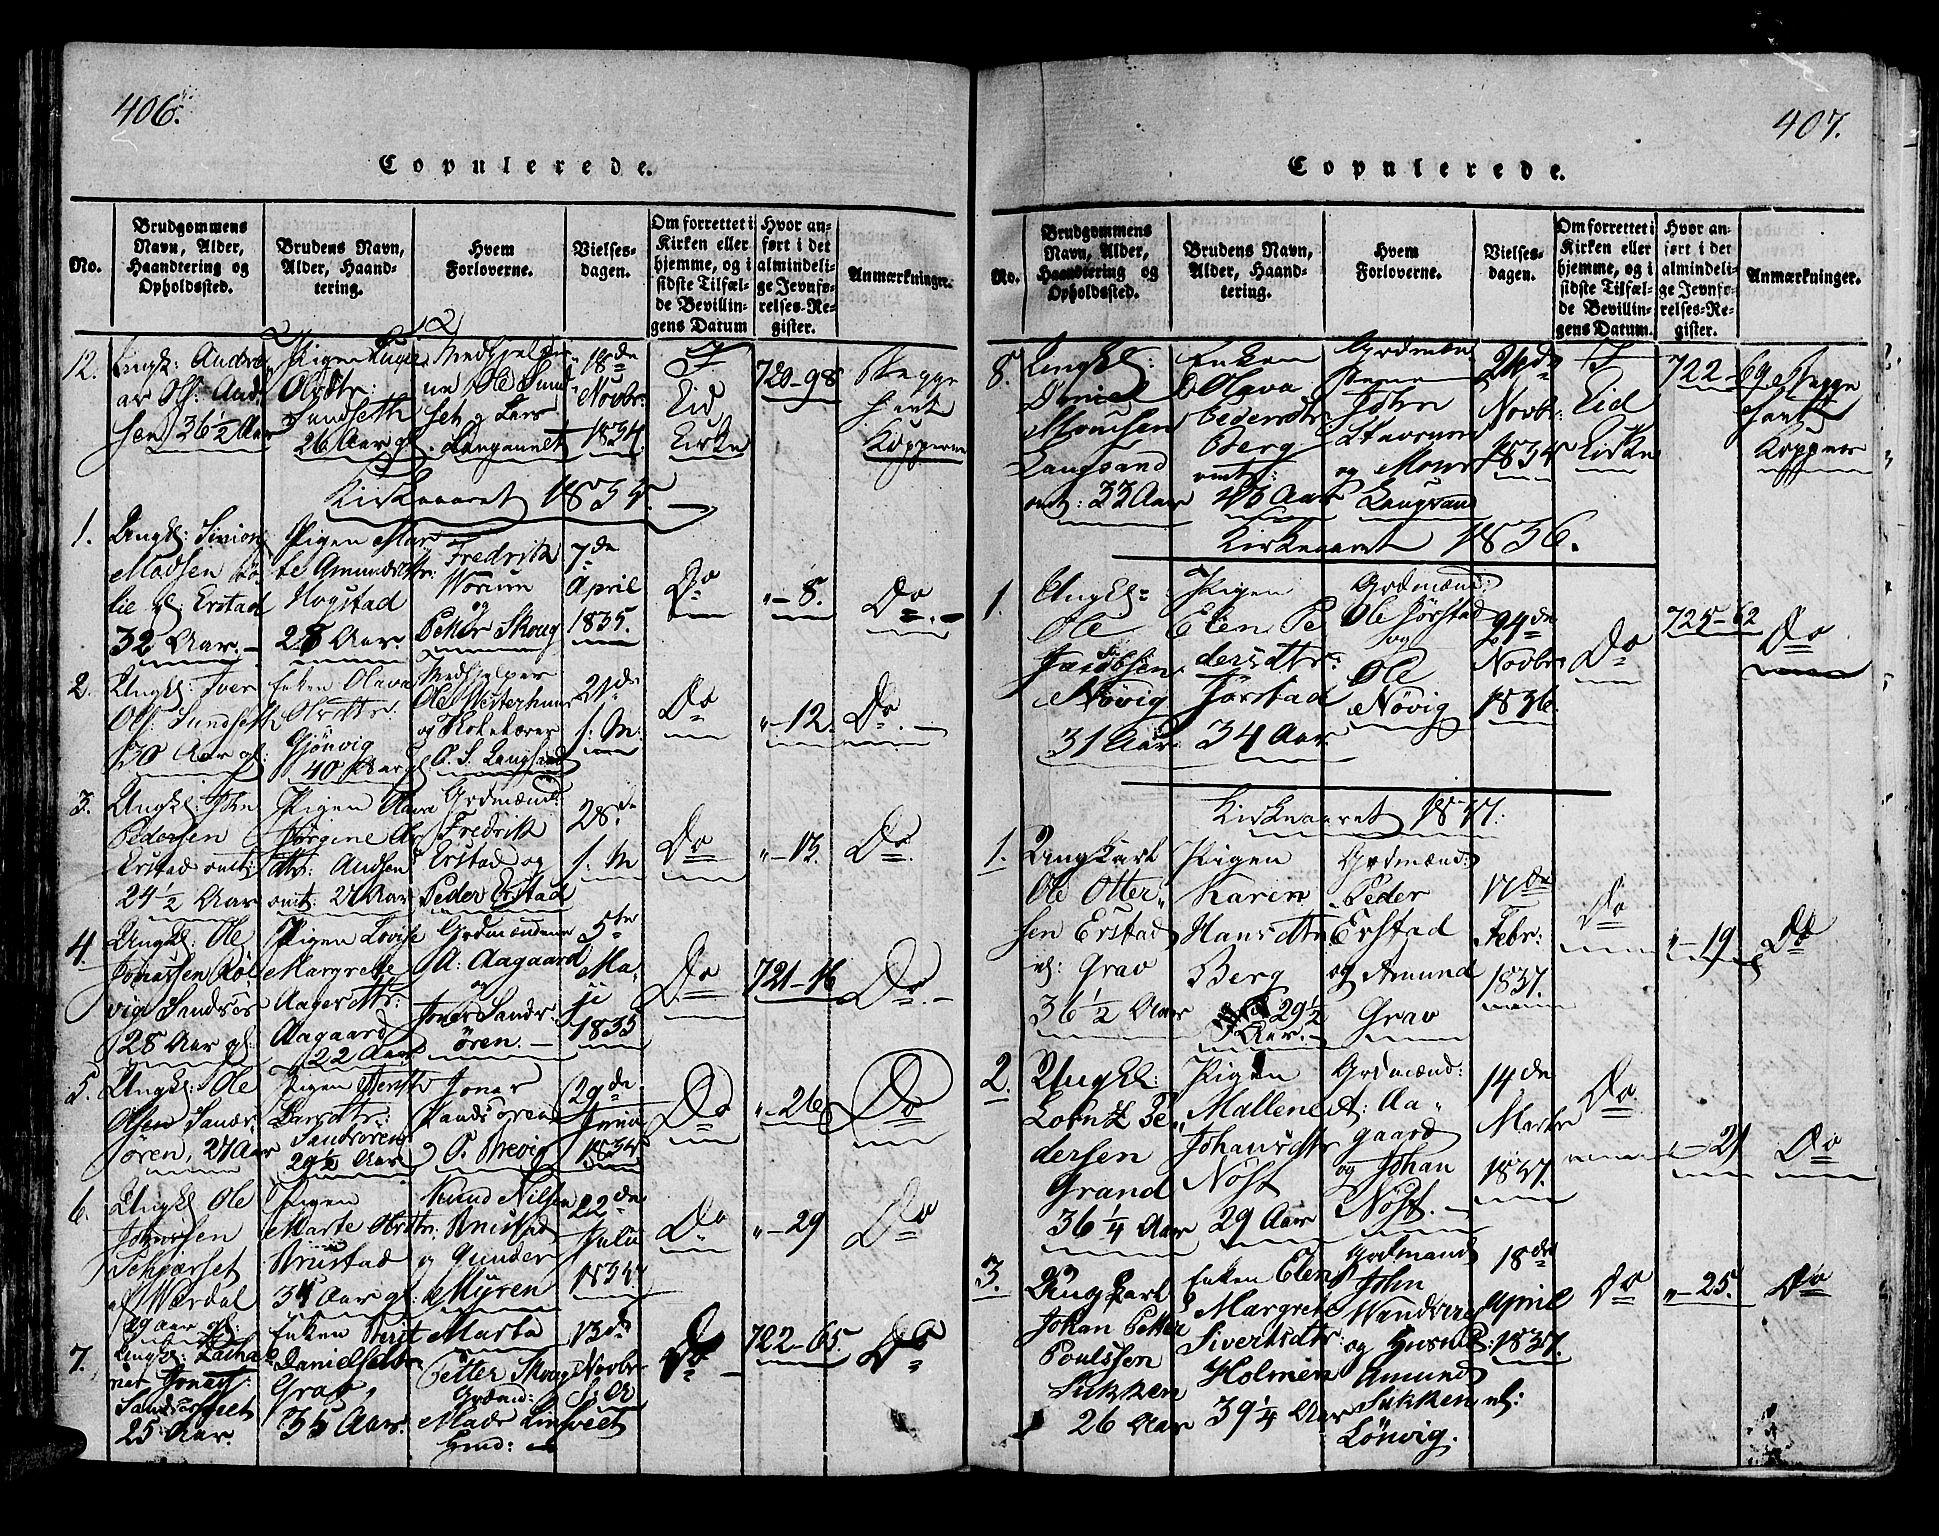 SAT, Ministerialprotokoller, klokkerbøker og fødselsregistre - Nord-Trøndelag, 722/L0217: Ministerialbok nr. 722A04, 1817-1842, s. 406-407